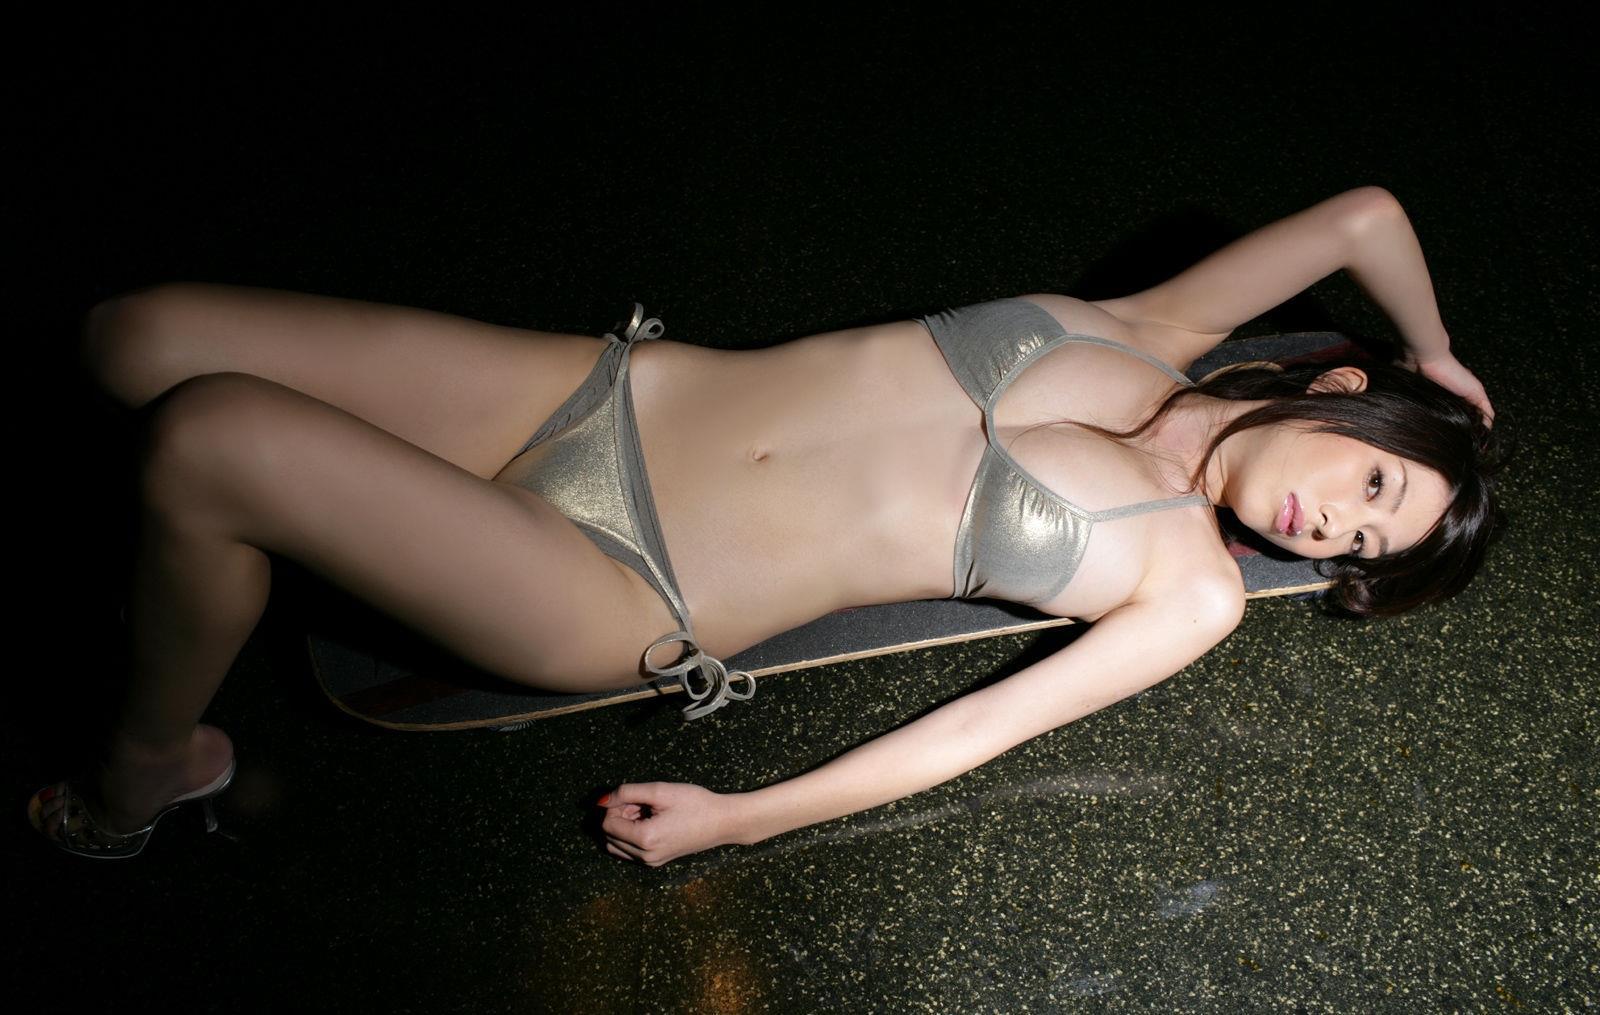 小林恵美 画像 21